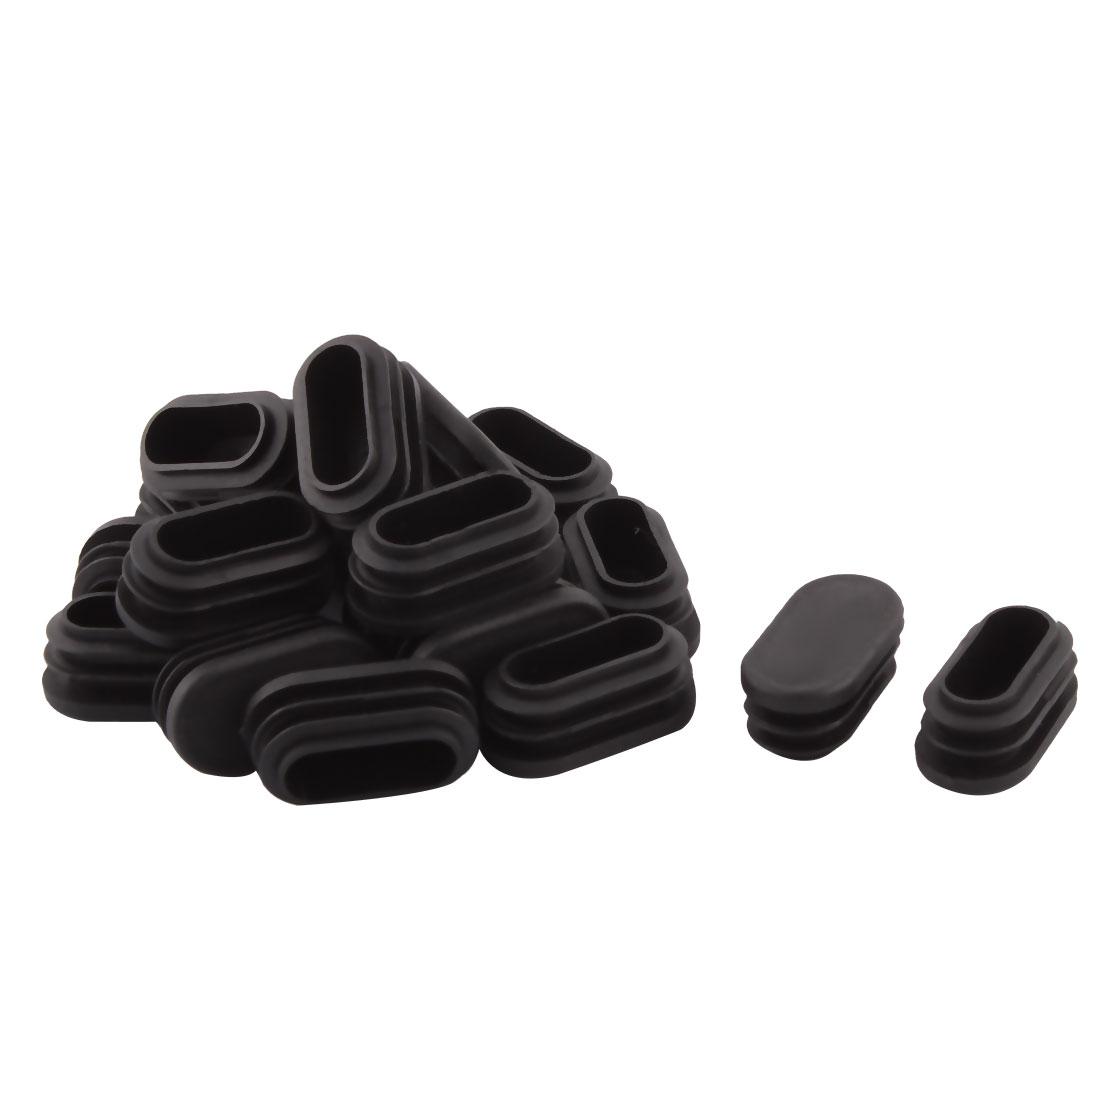 Household Plastic Rectangular Shaped Chair Leg Tube Pipe Insert Black 4 x 2cm 20 PCS